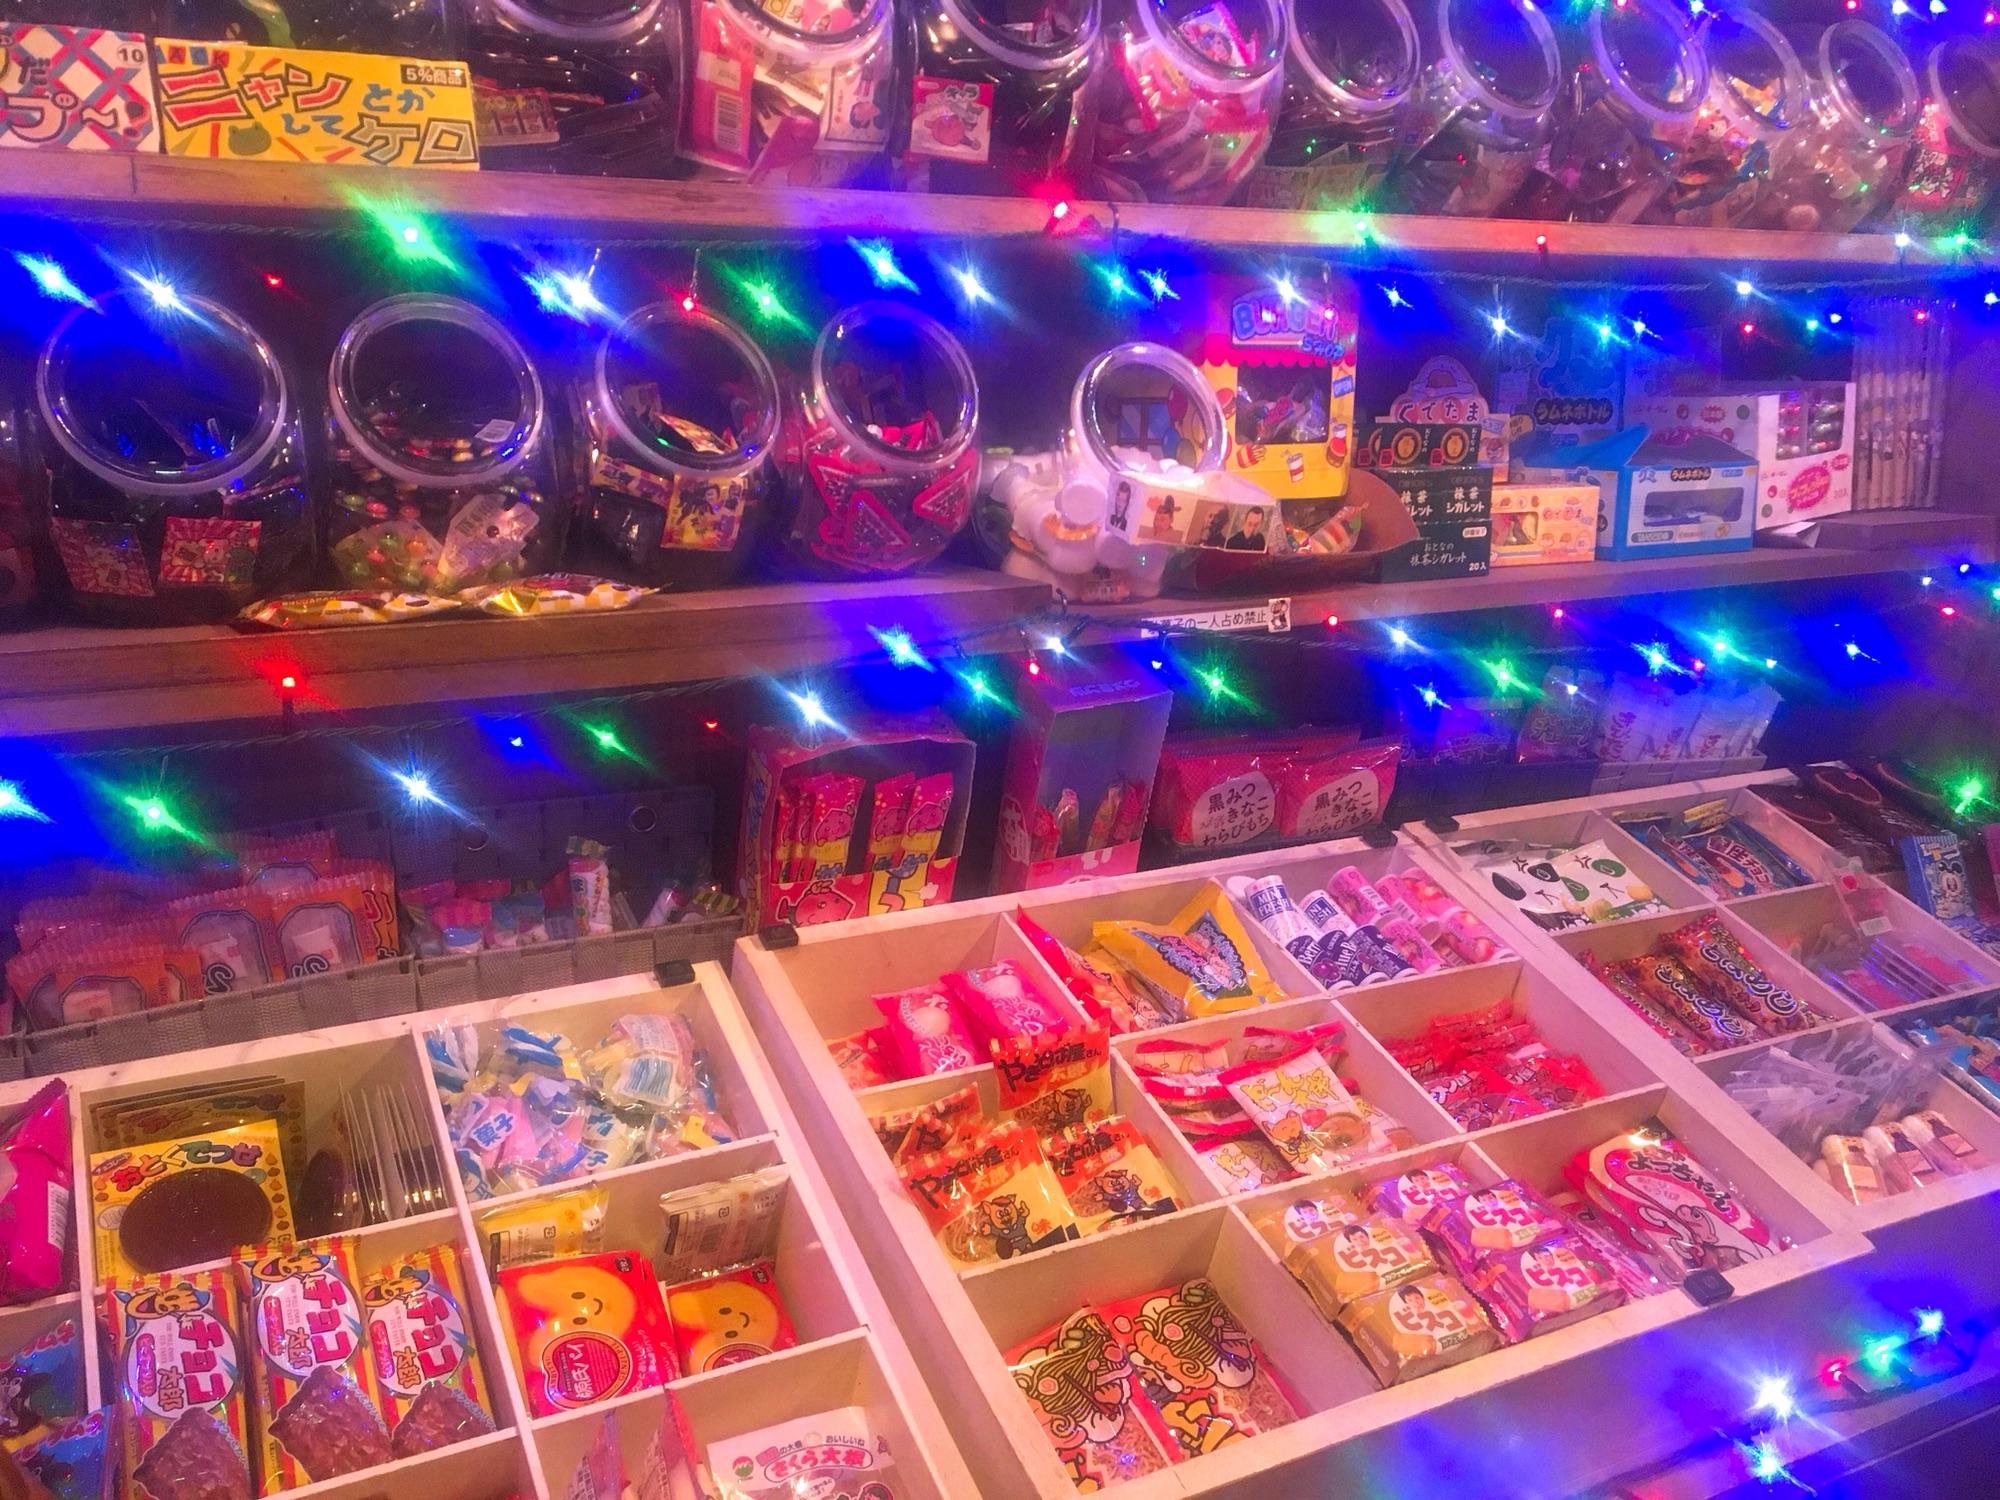 なんと500円❗️駄菓子食べ放題の駄菓子バー👀⭐️